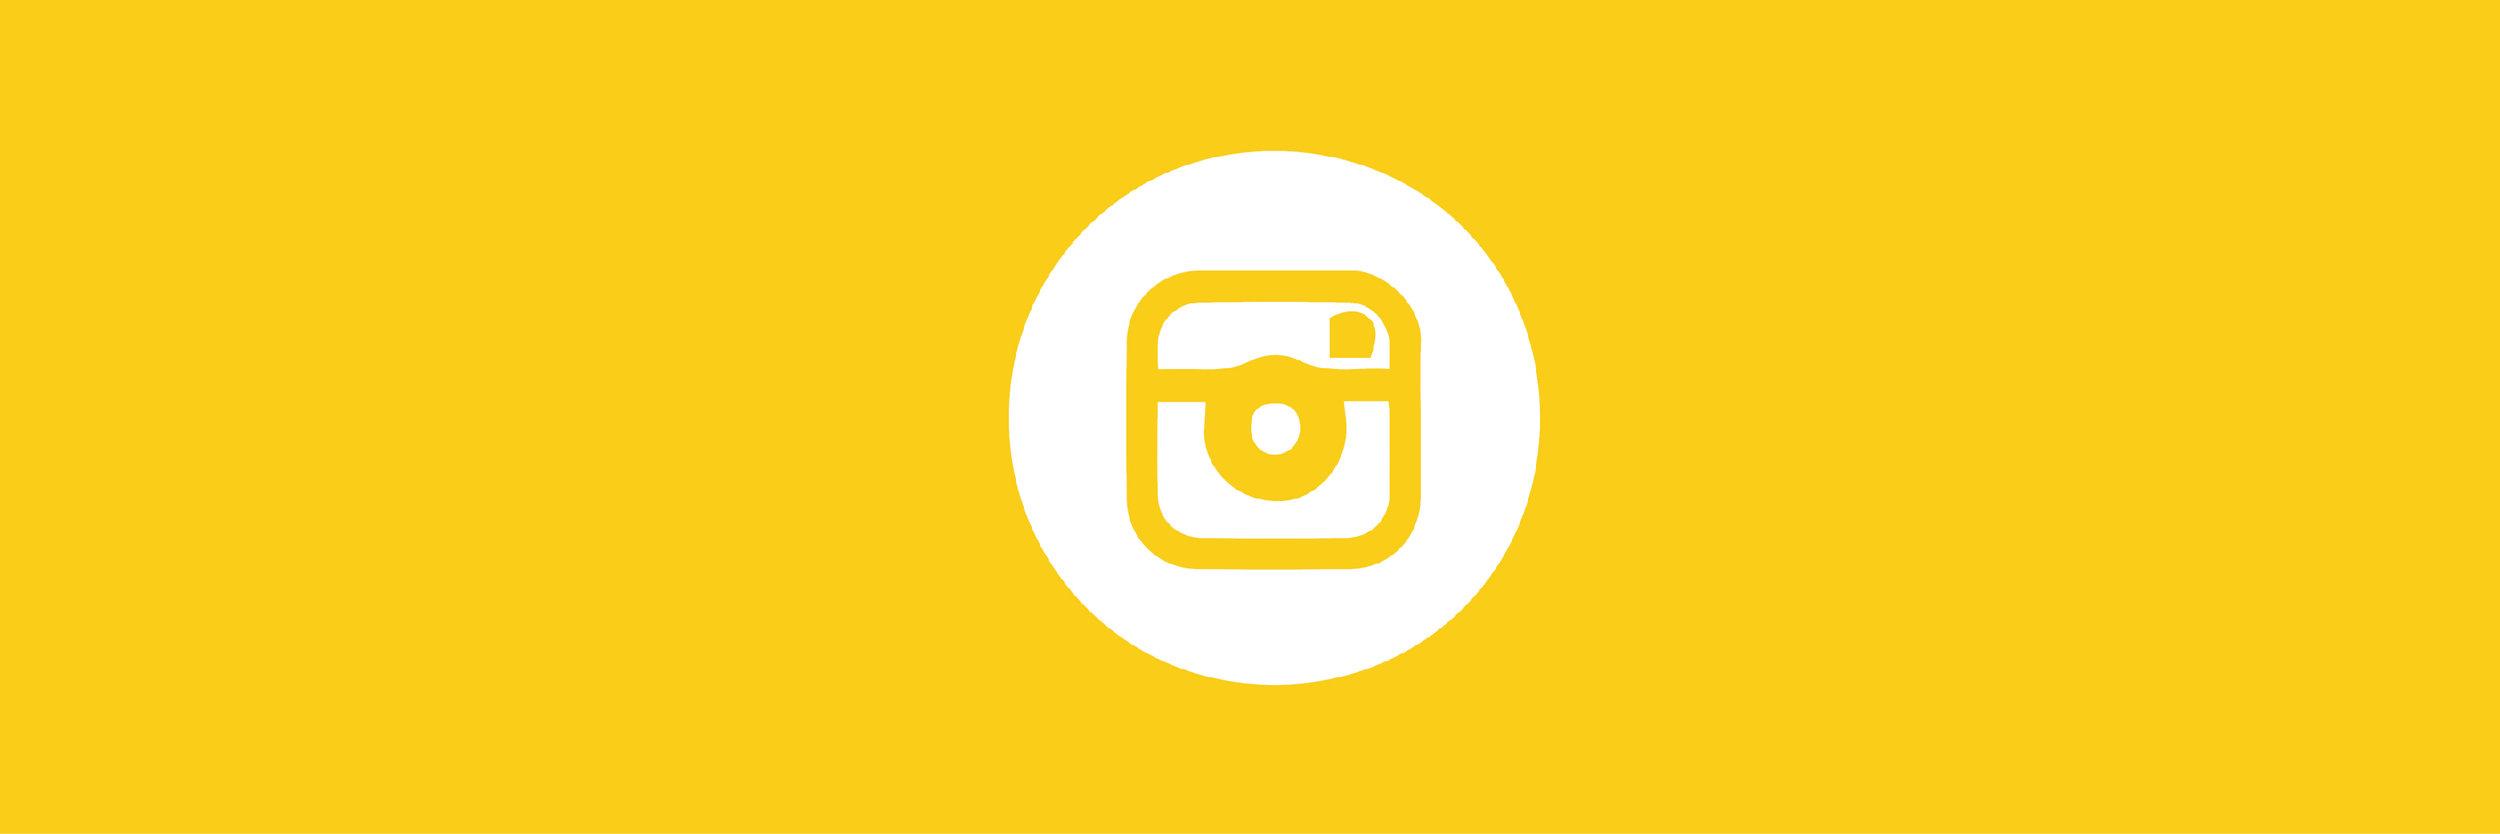 Instagram Link-01.jpg